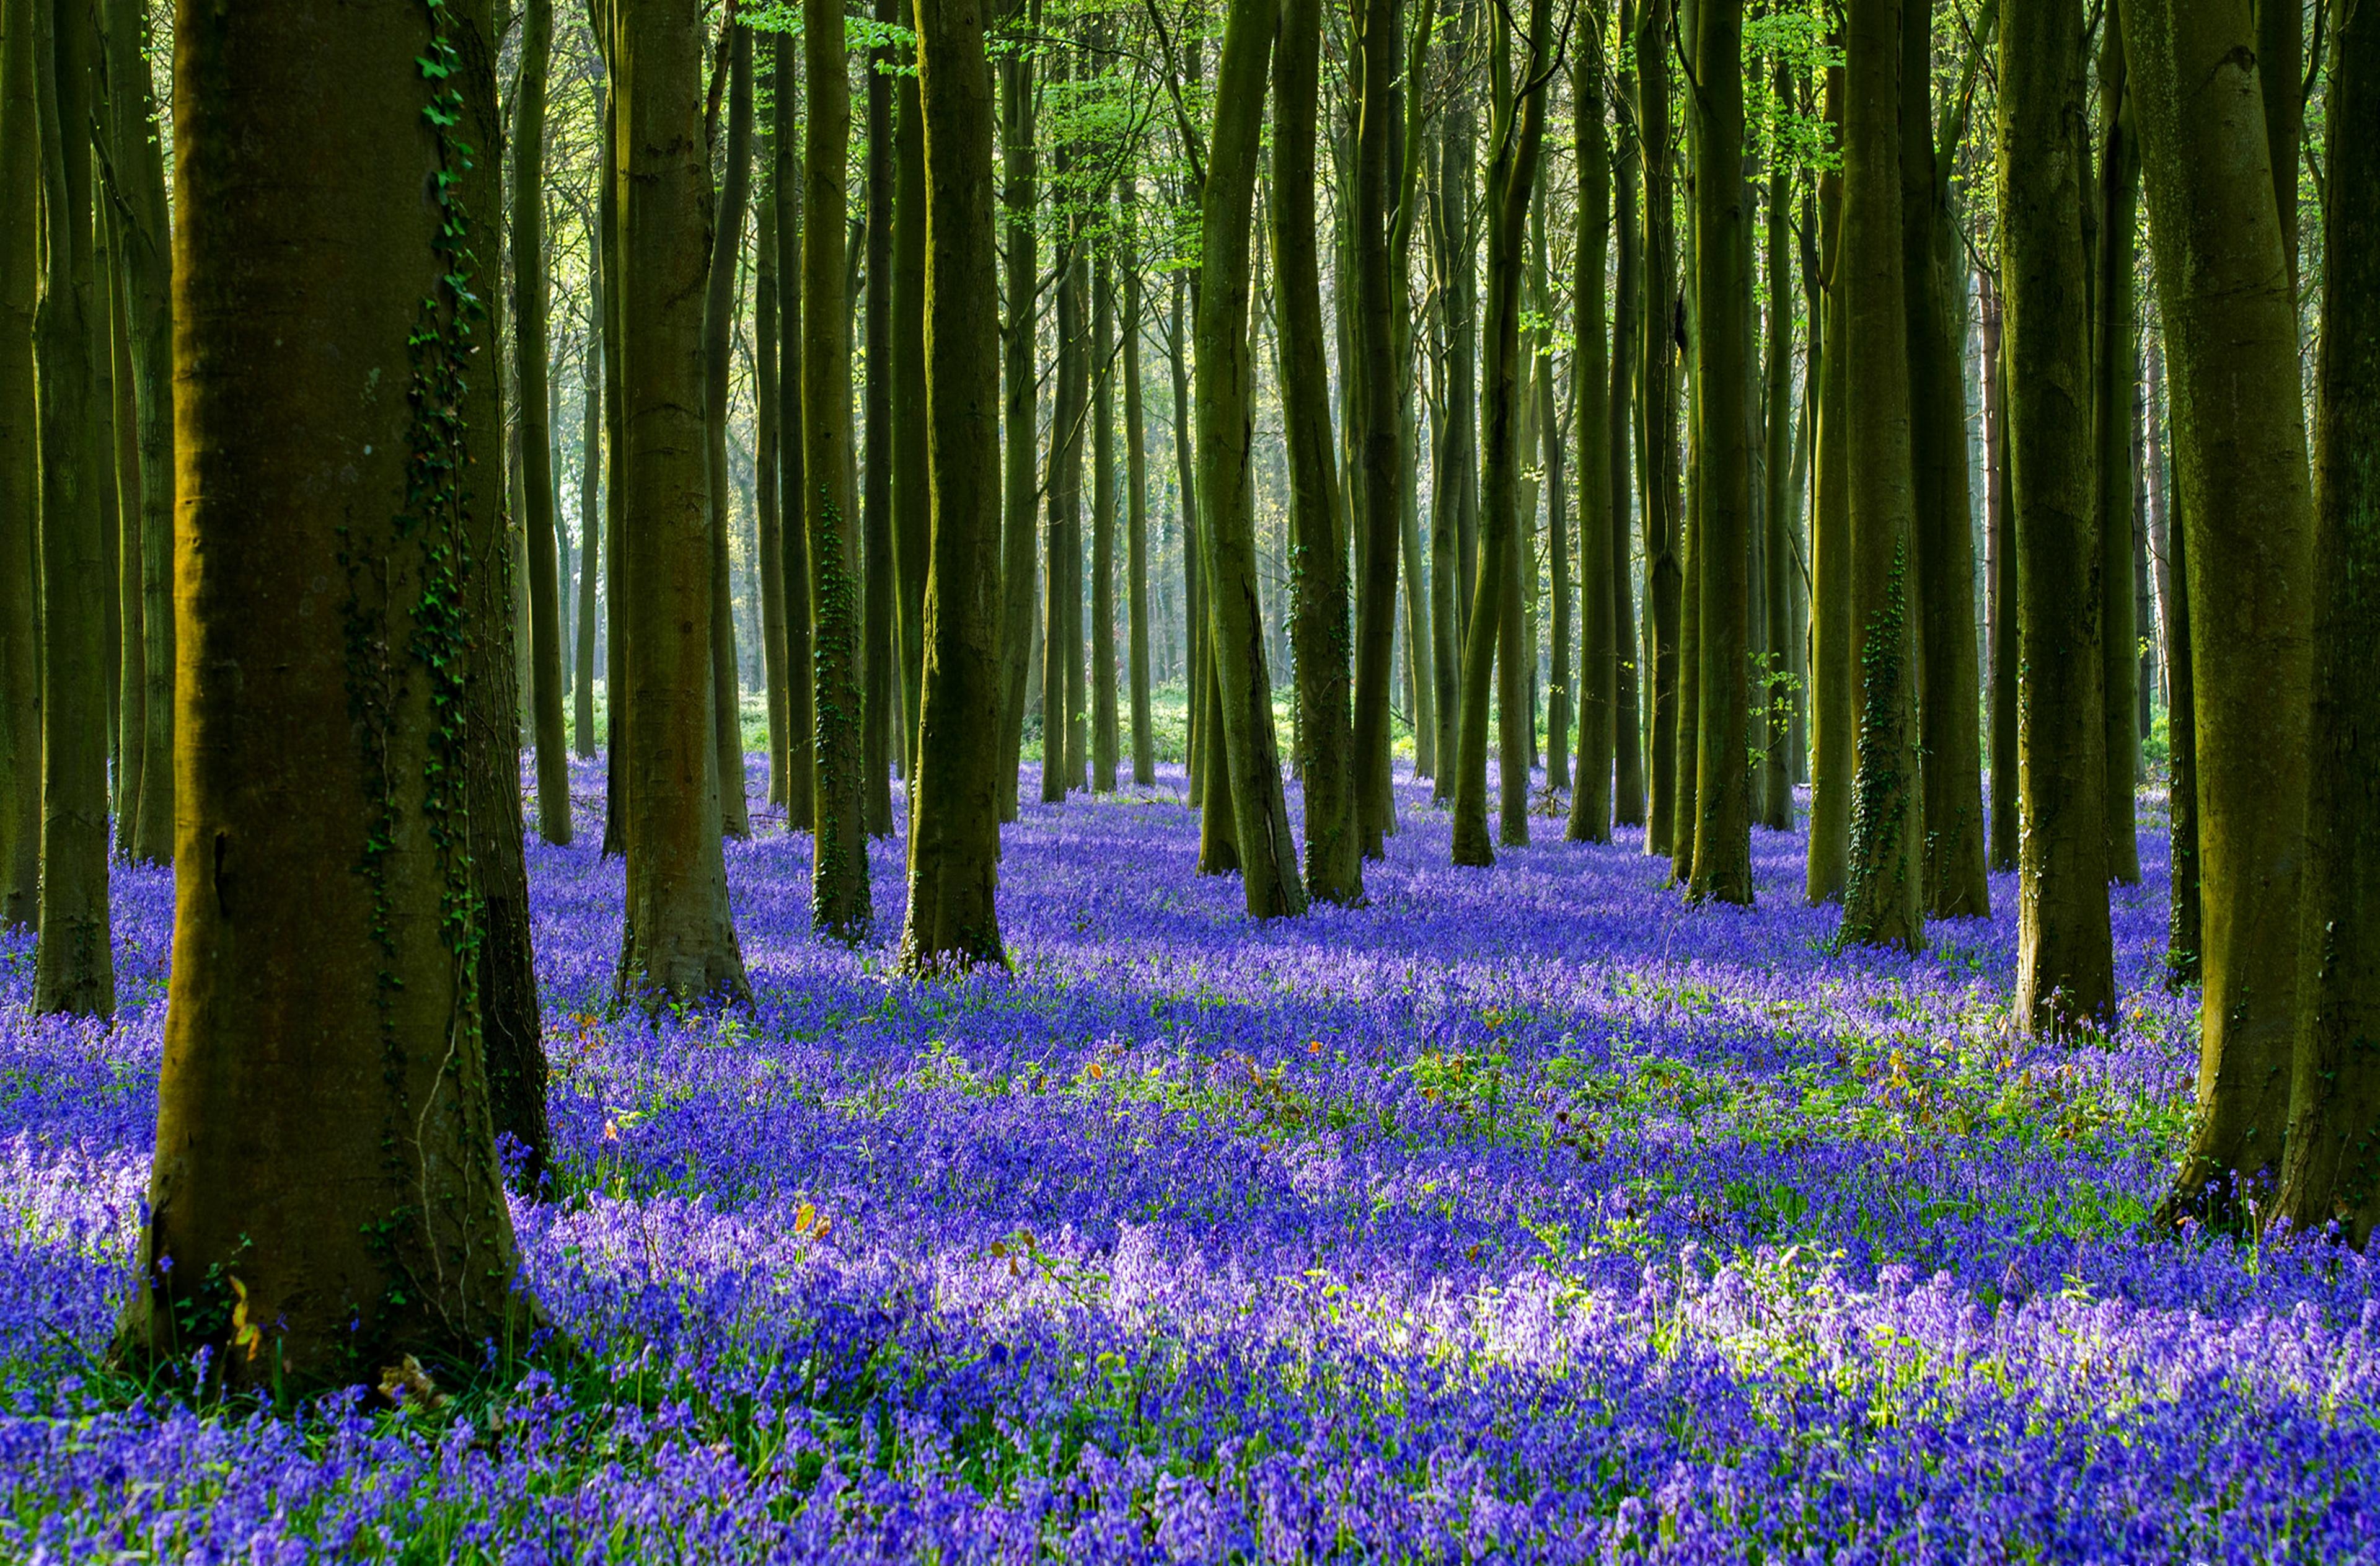 森林 4k Ultra 高清壁纸 桌面背景 3840x2526 Id 598319